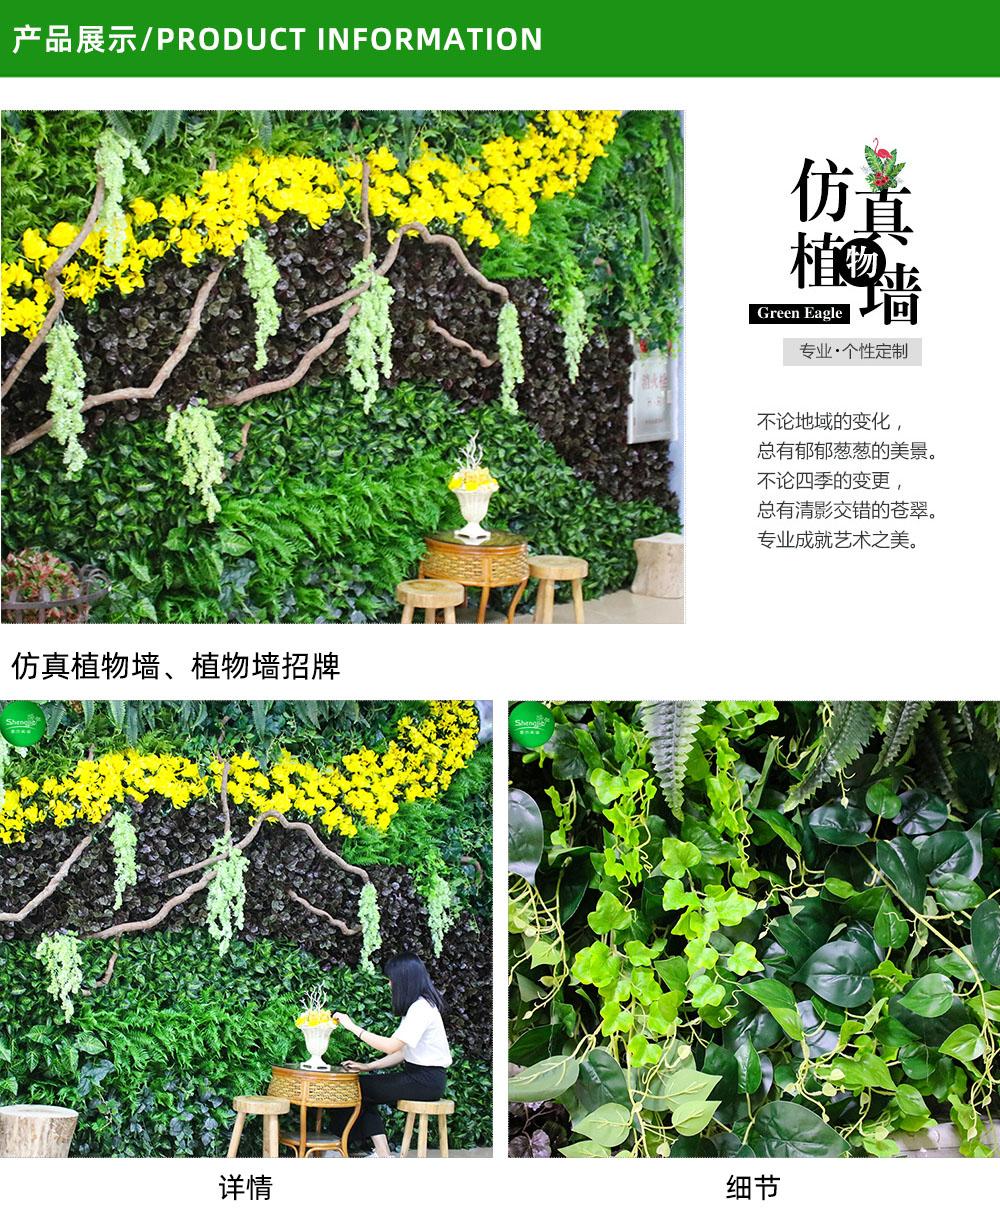 仿真植物墙详情页.jpg